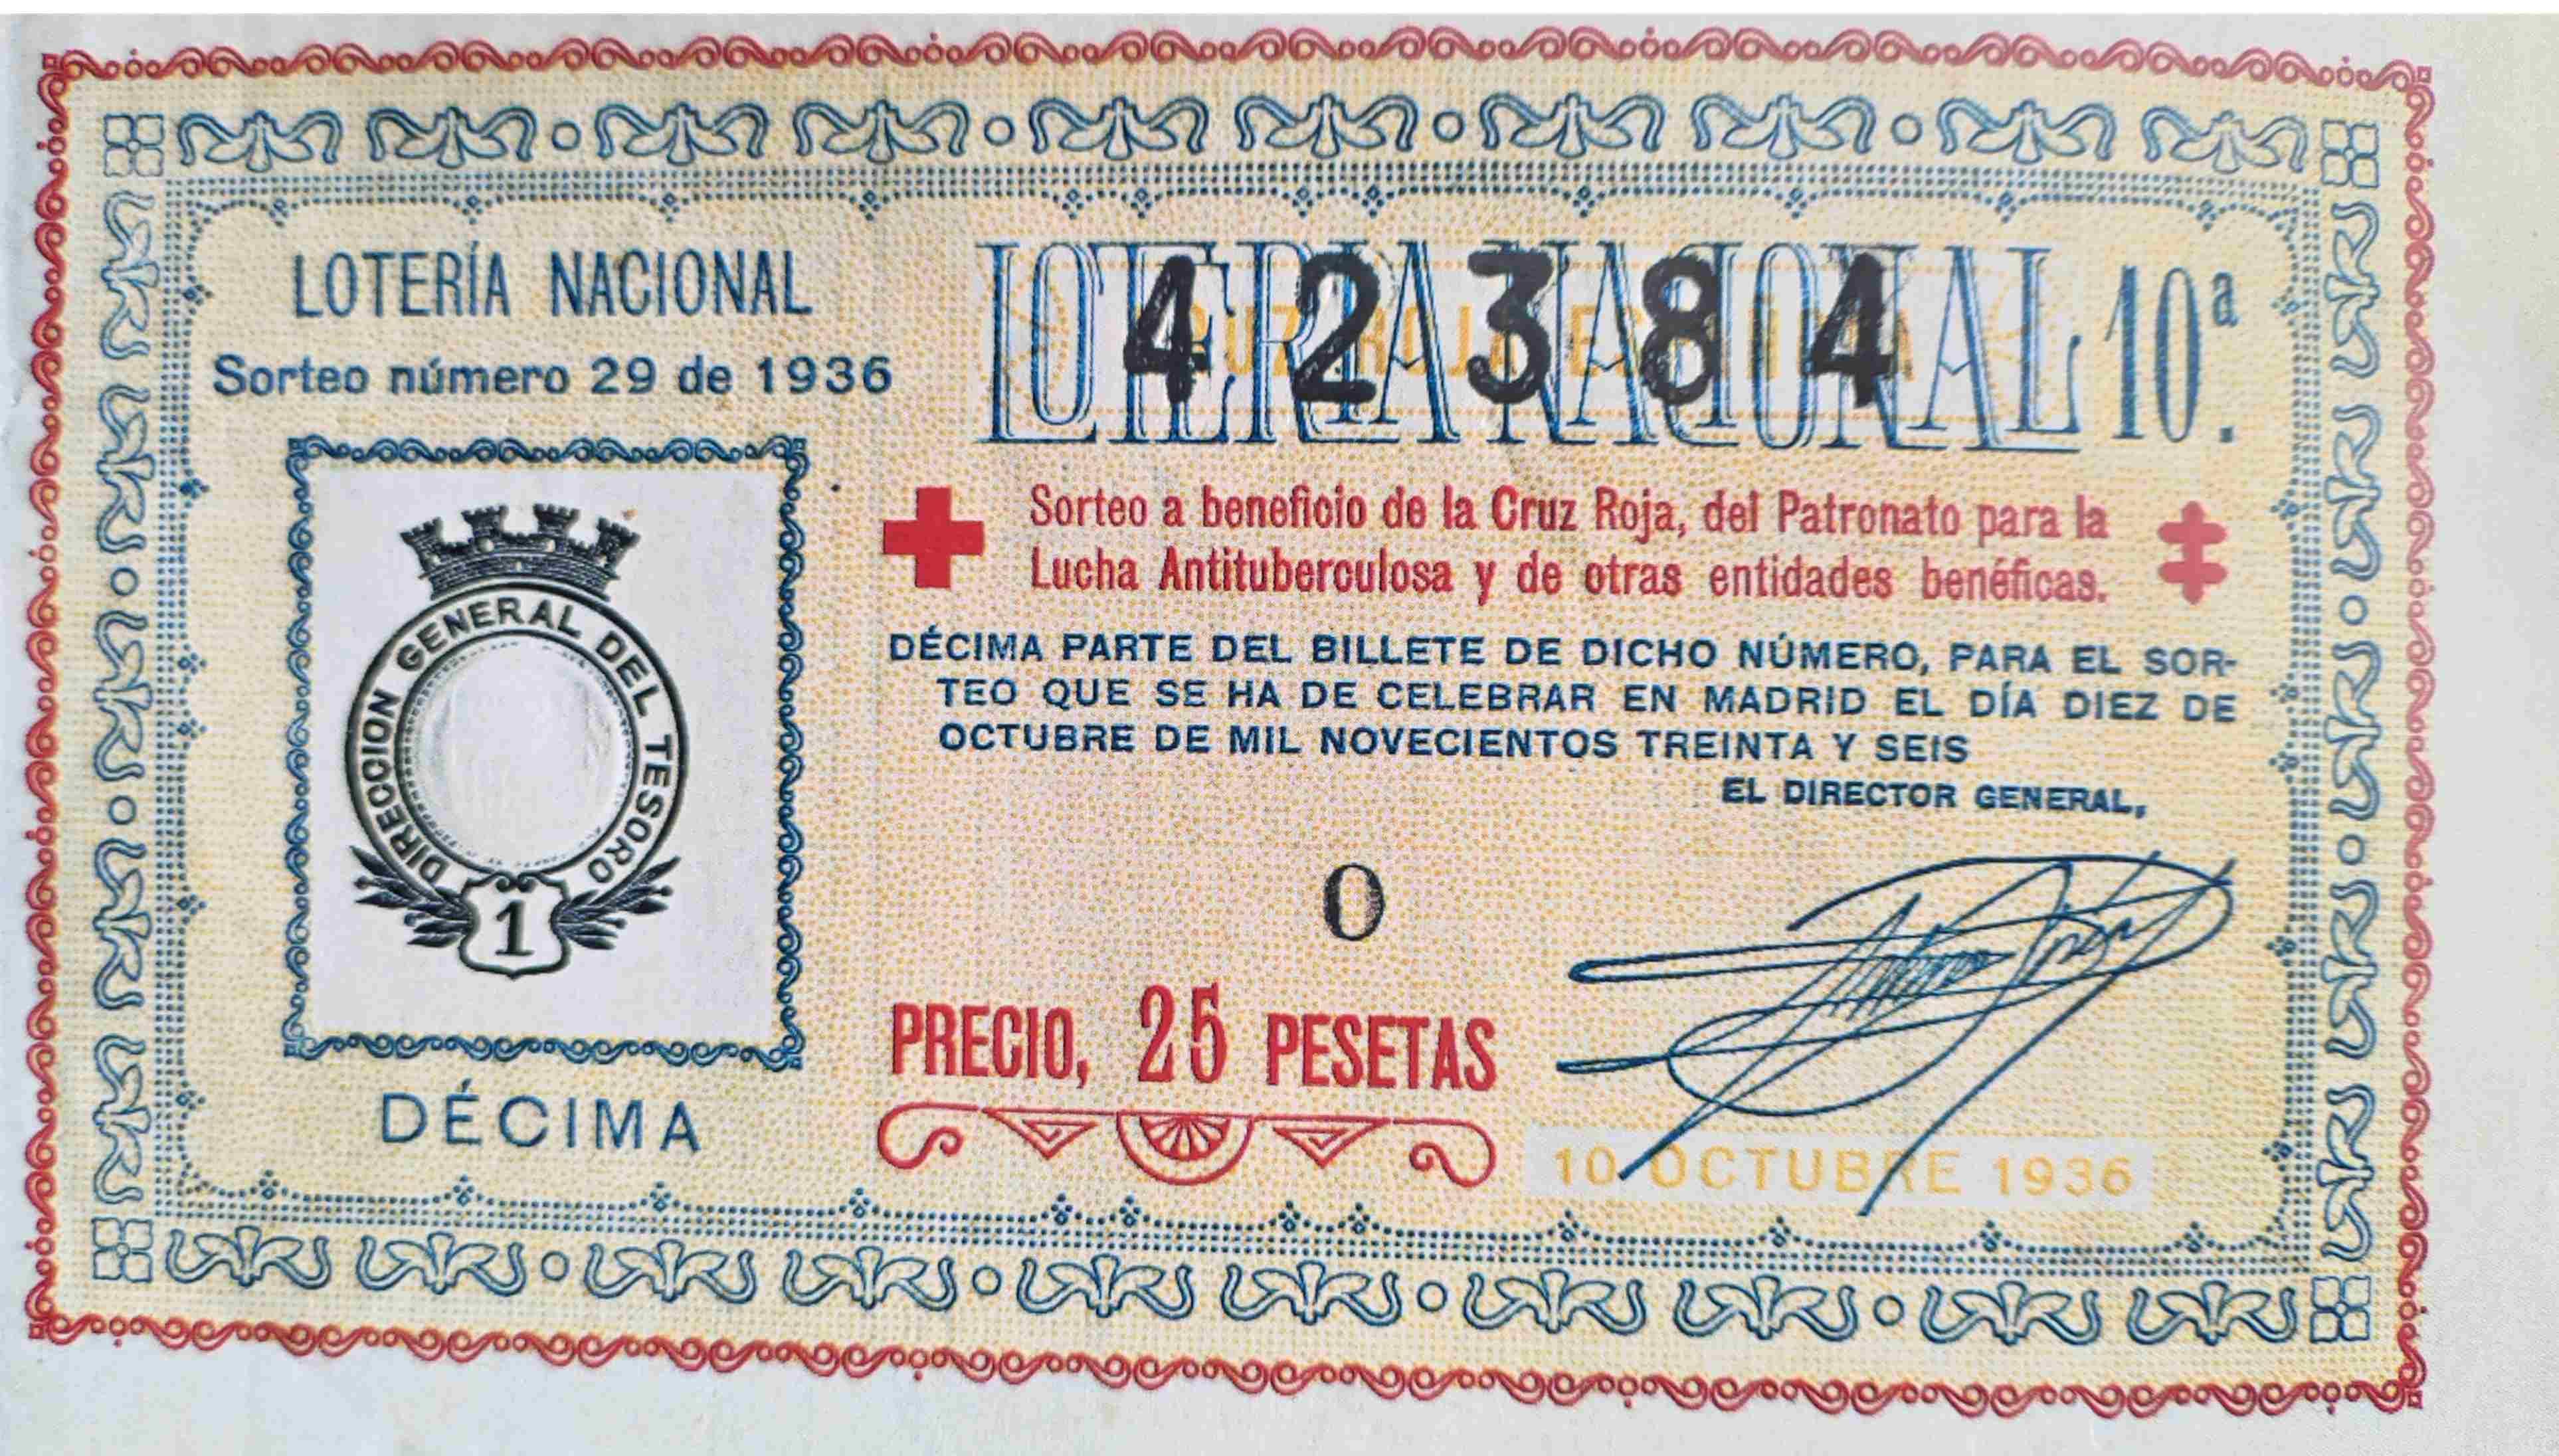 Déciomo de la Cruz Roja sorteo 29 Año 1936